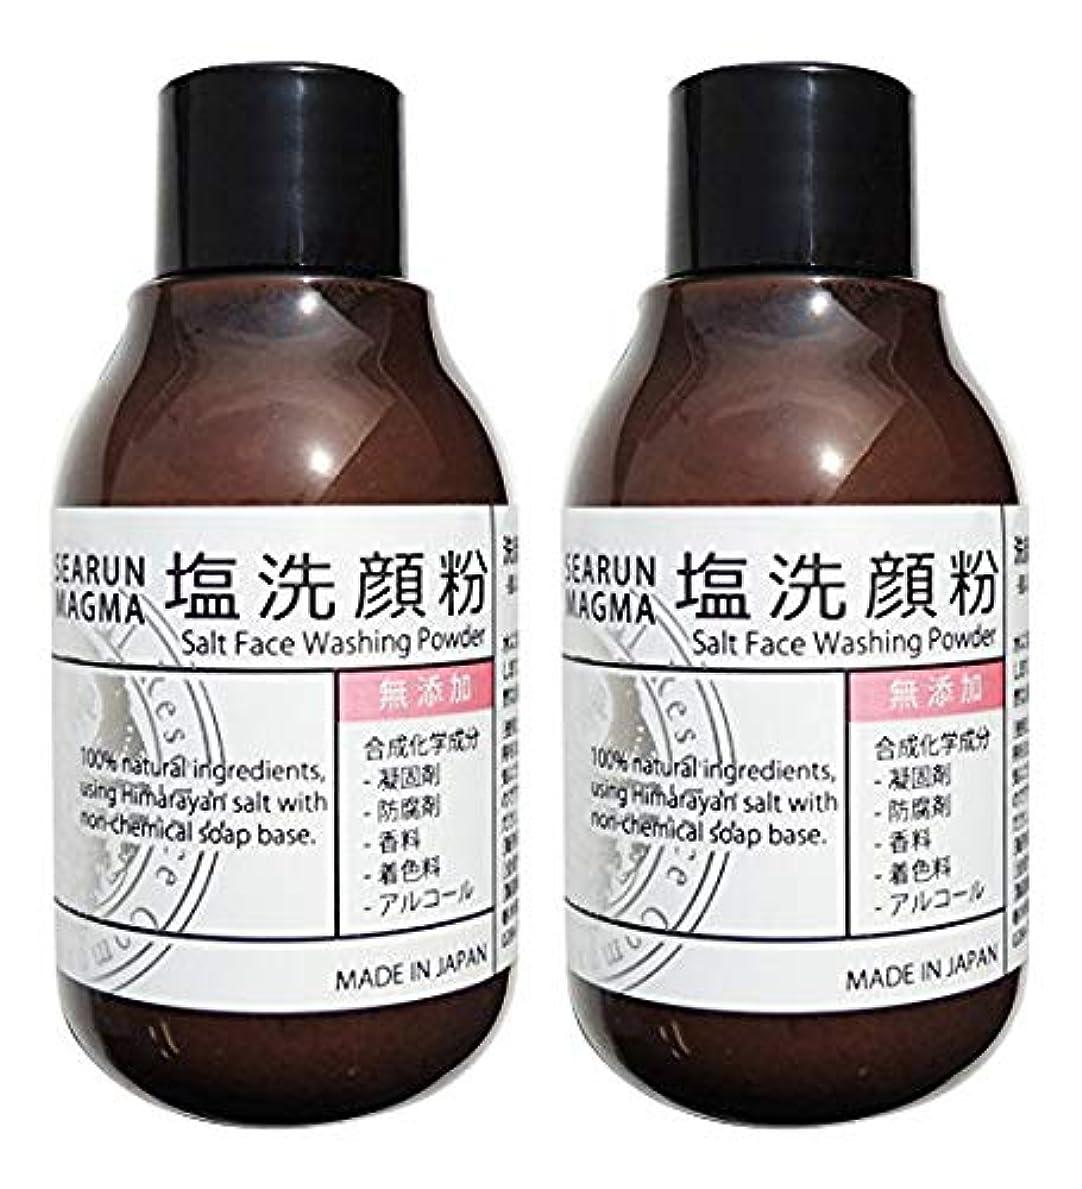 干渉する安西余計なシーラン マグマ洗顔粉 40g (2本)